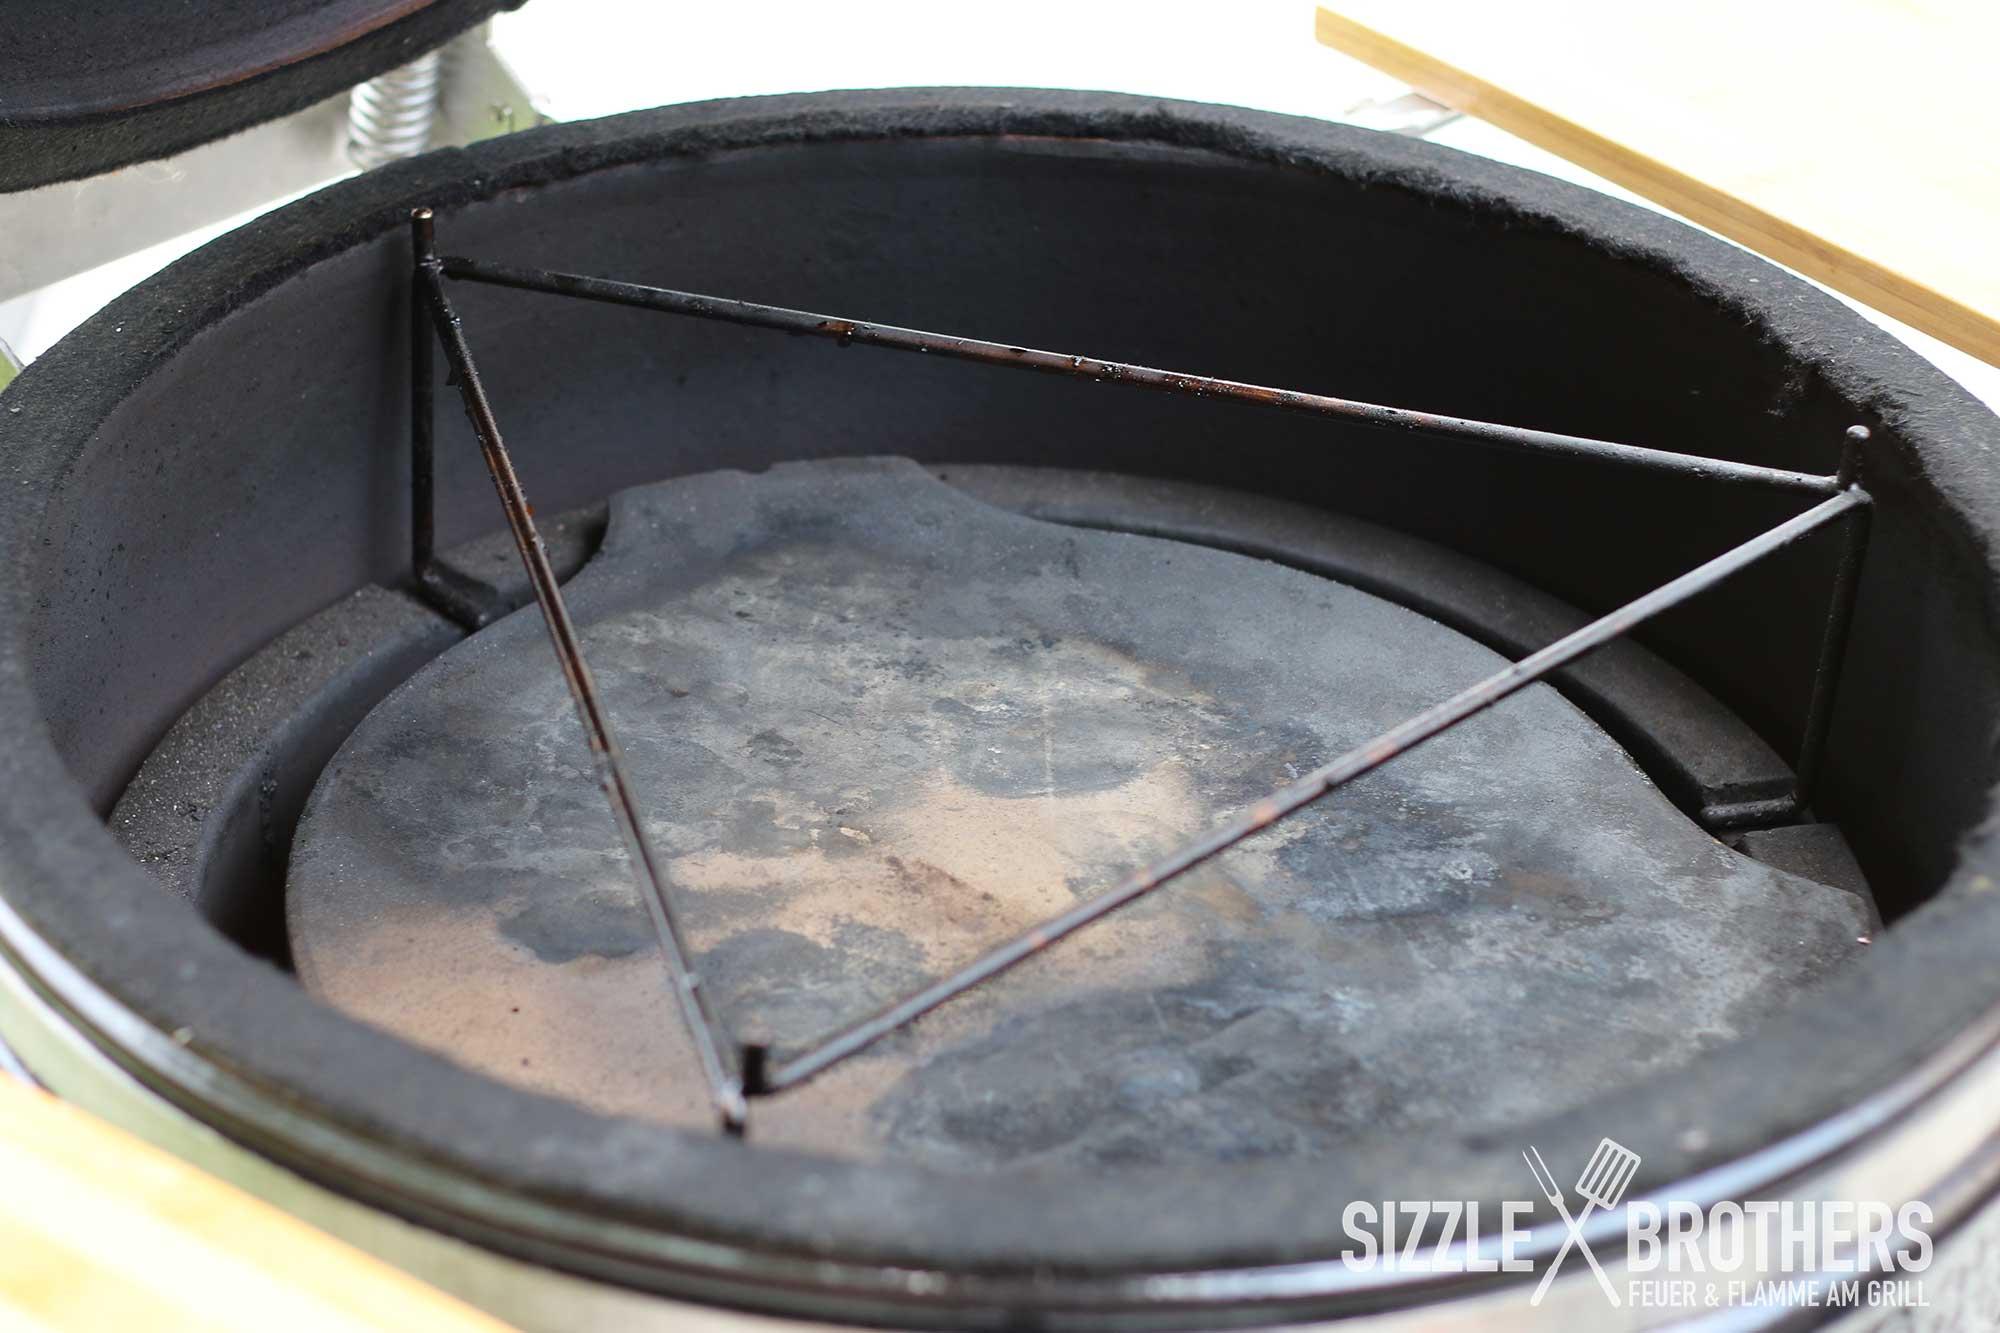 Keramik Holzkohlegrill Test : Der keramikgrill information und antworten kaufberatung